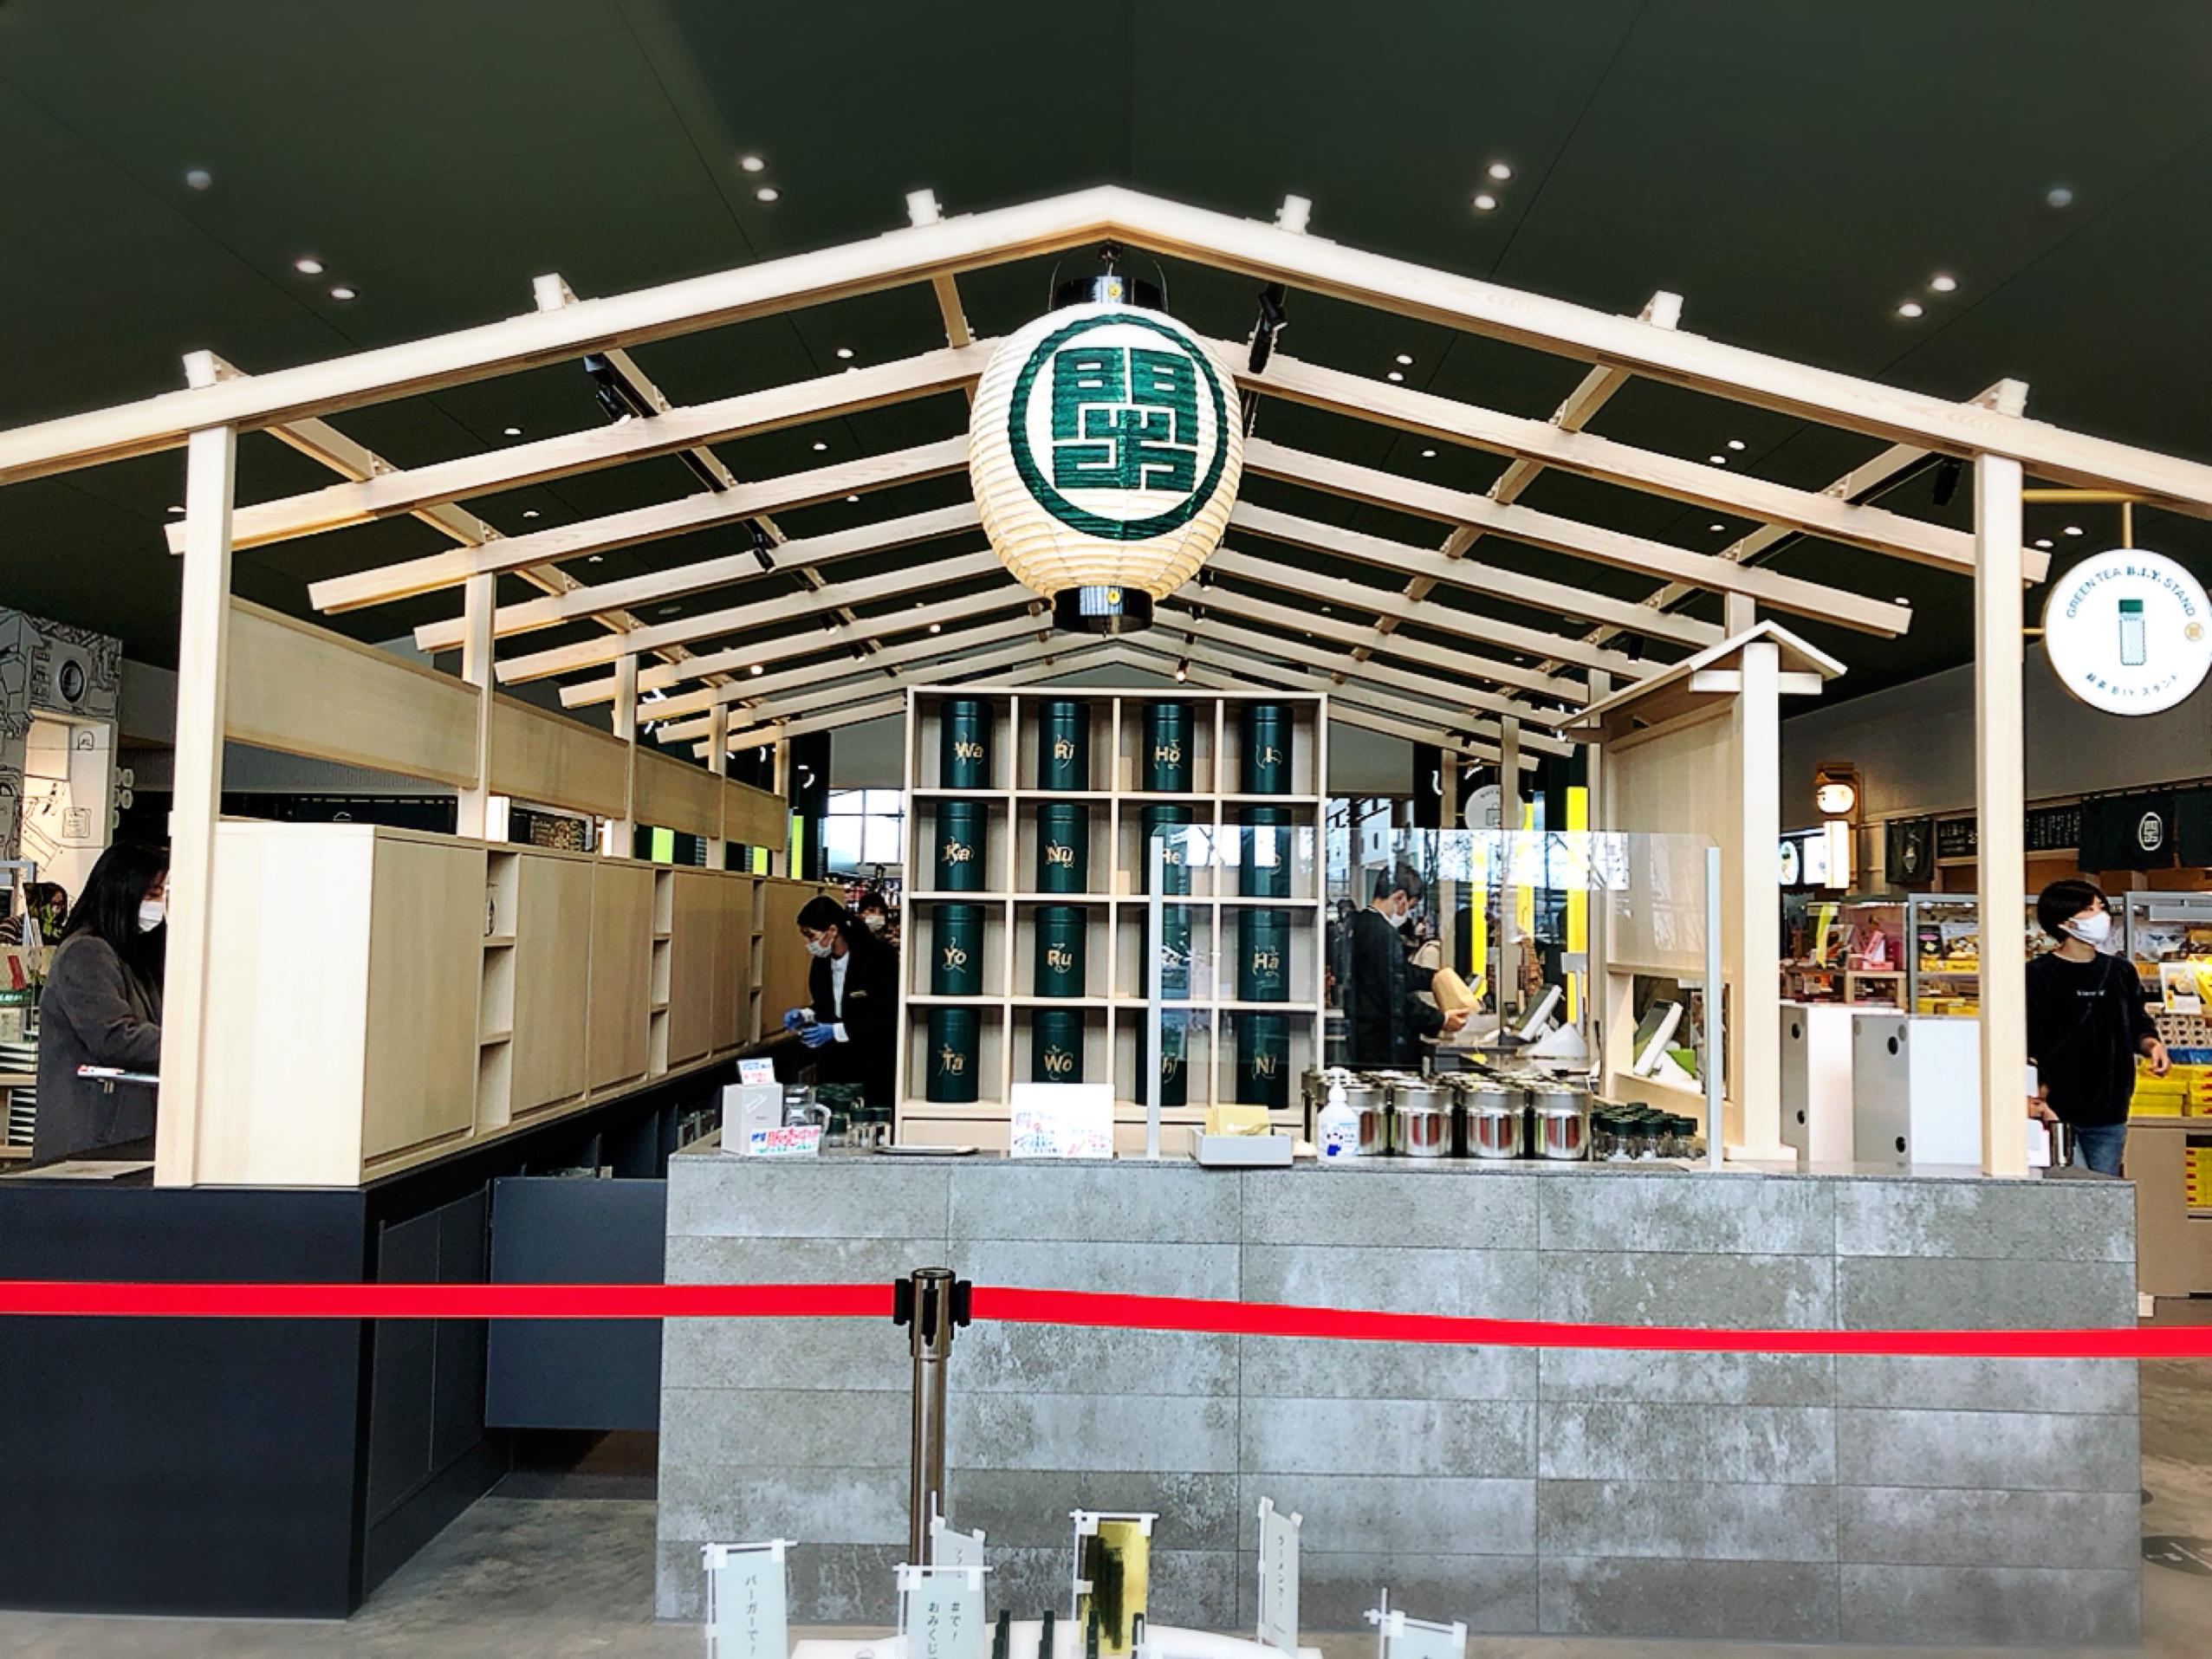 【#静岡】Newスポット⭐︎体験型フードパーク♩自分好みの緑茶を♡KADODE OOIGAWAに行ってきました♩_3